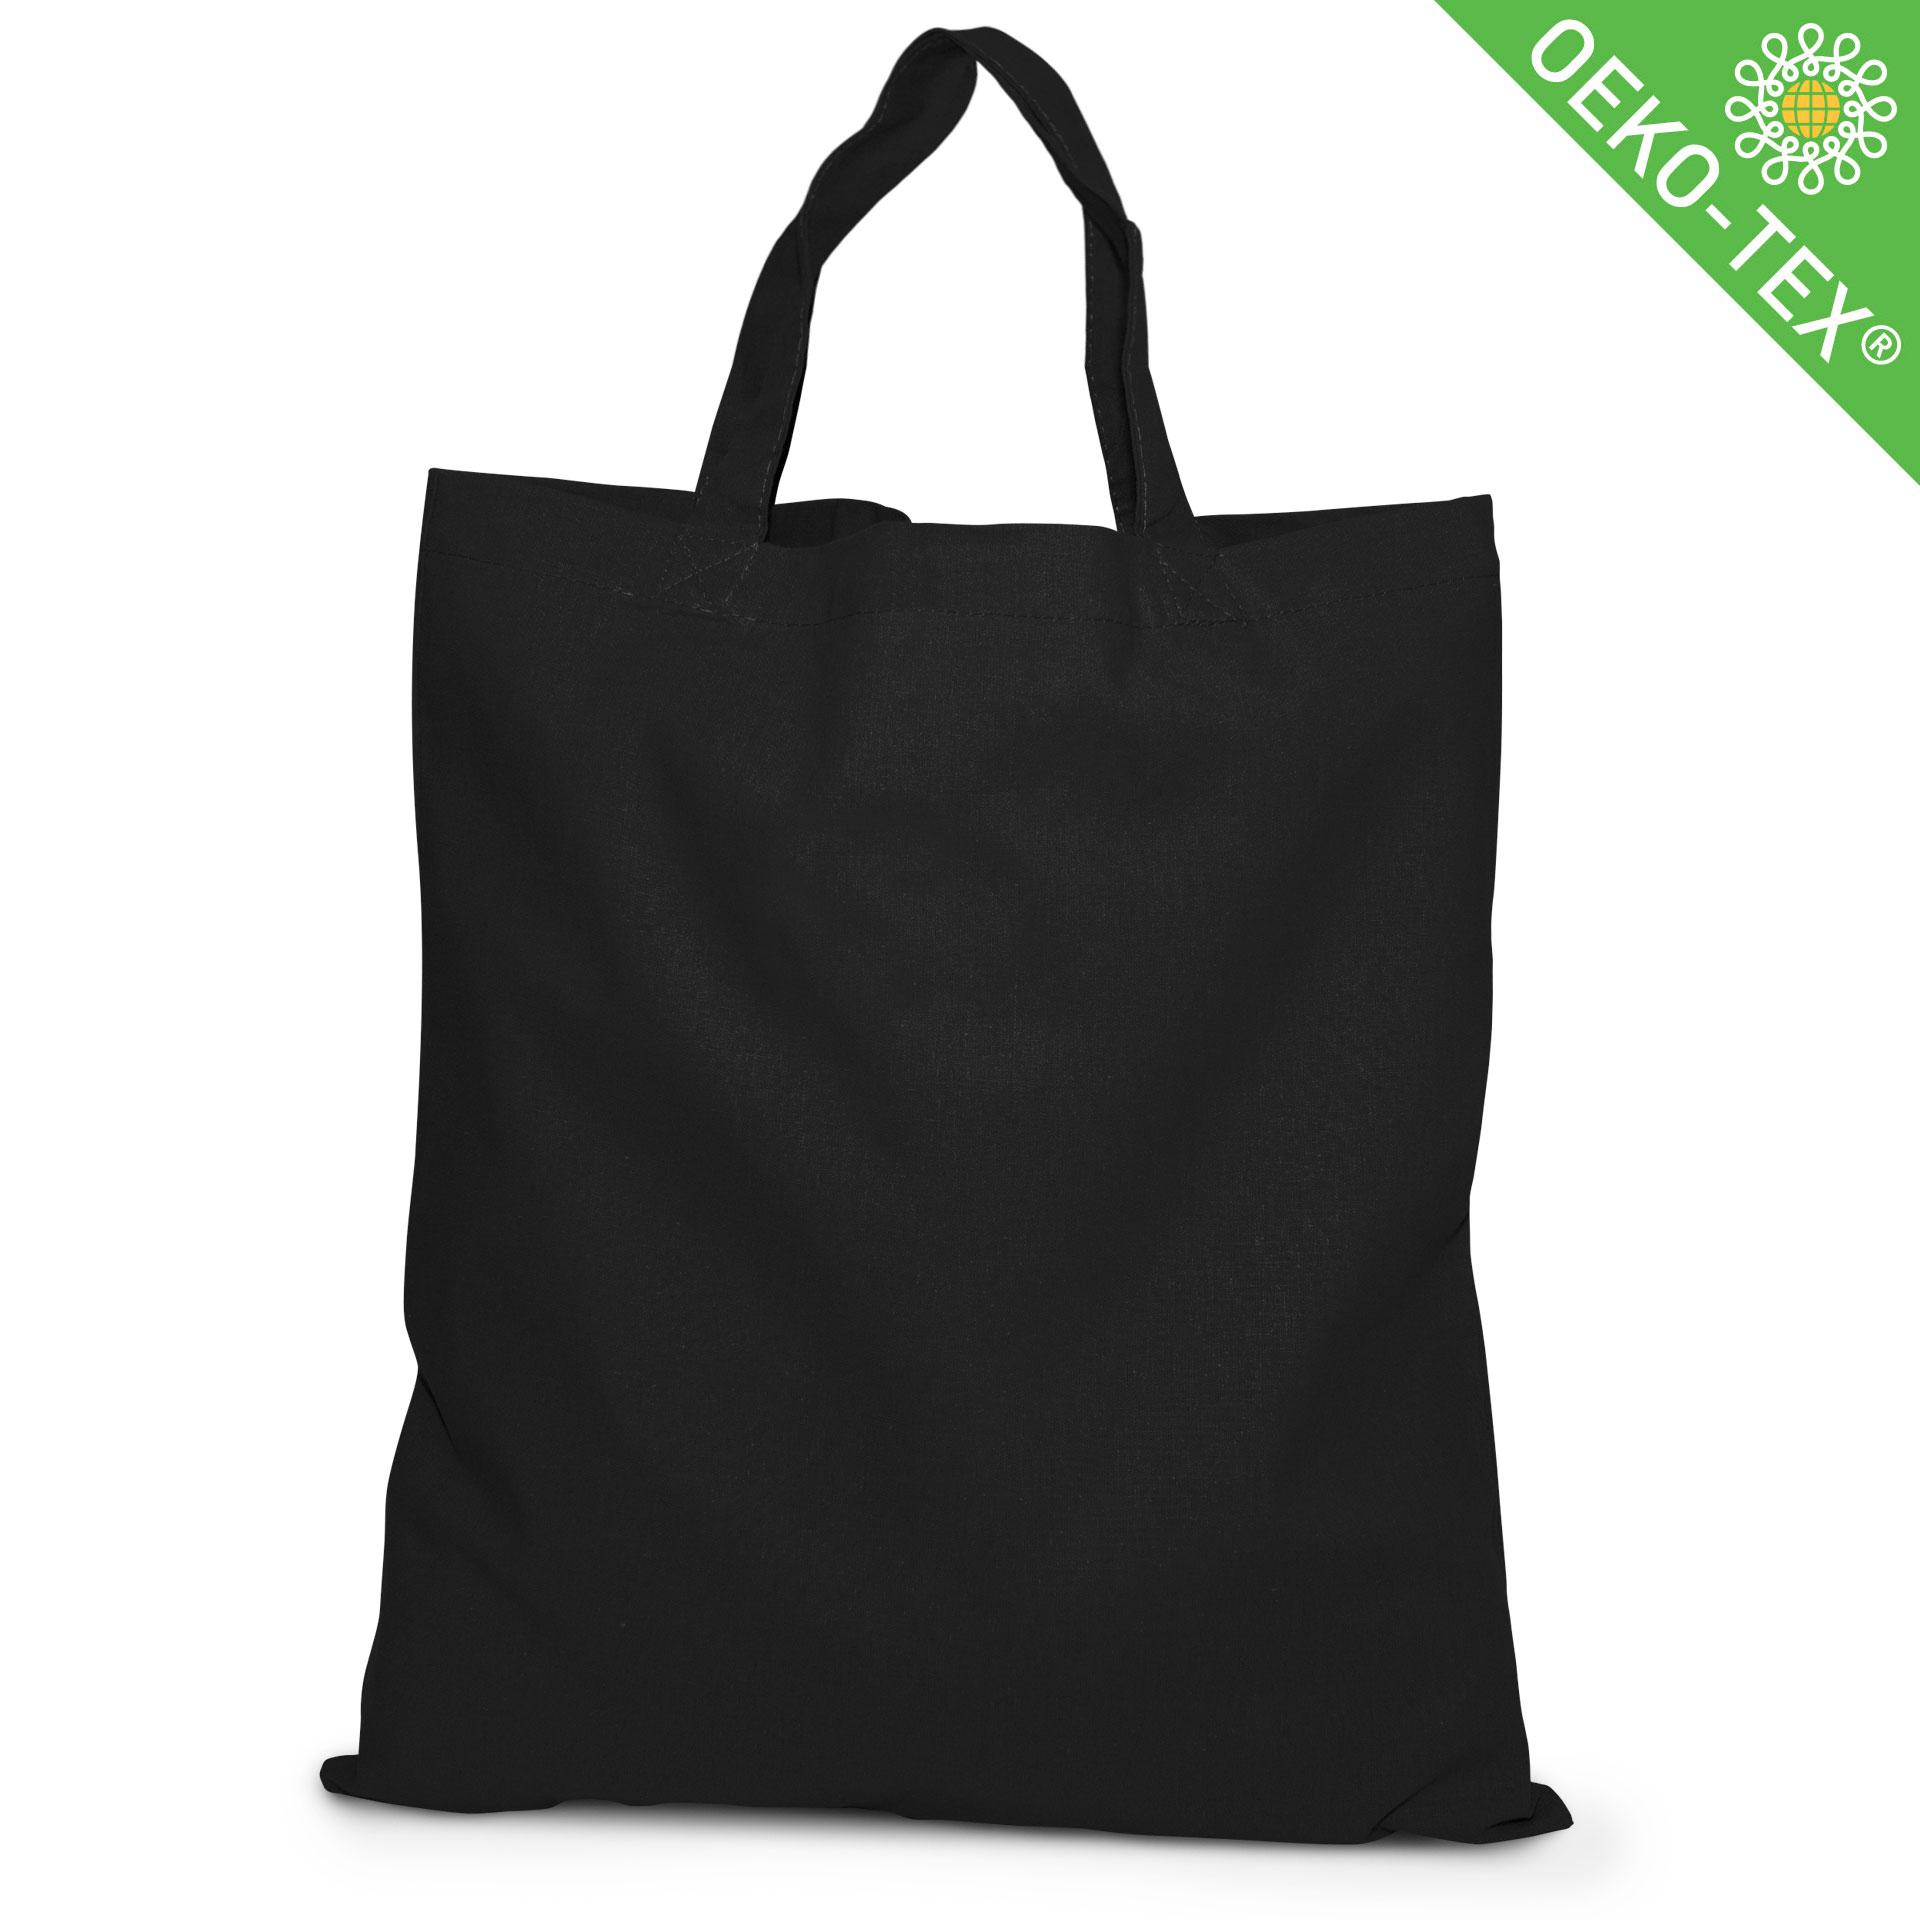 20 Kapstadt Baumwolltasche mit kurzen Henkeln, Farbe: schwarz